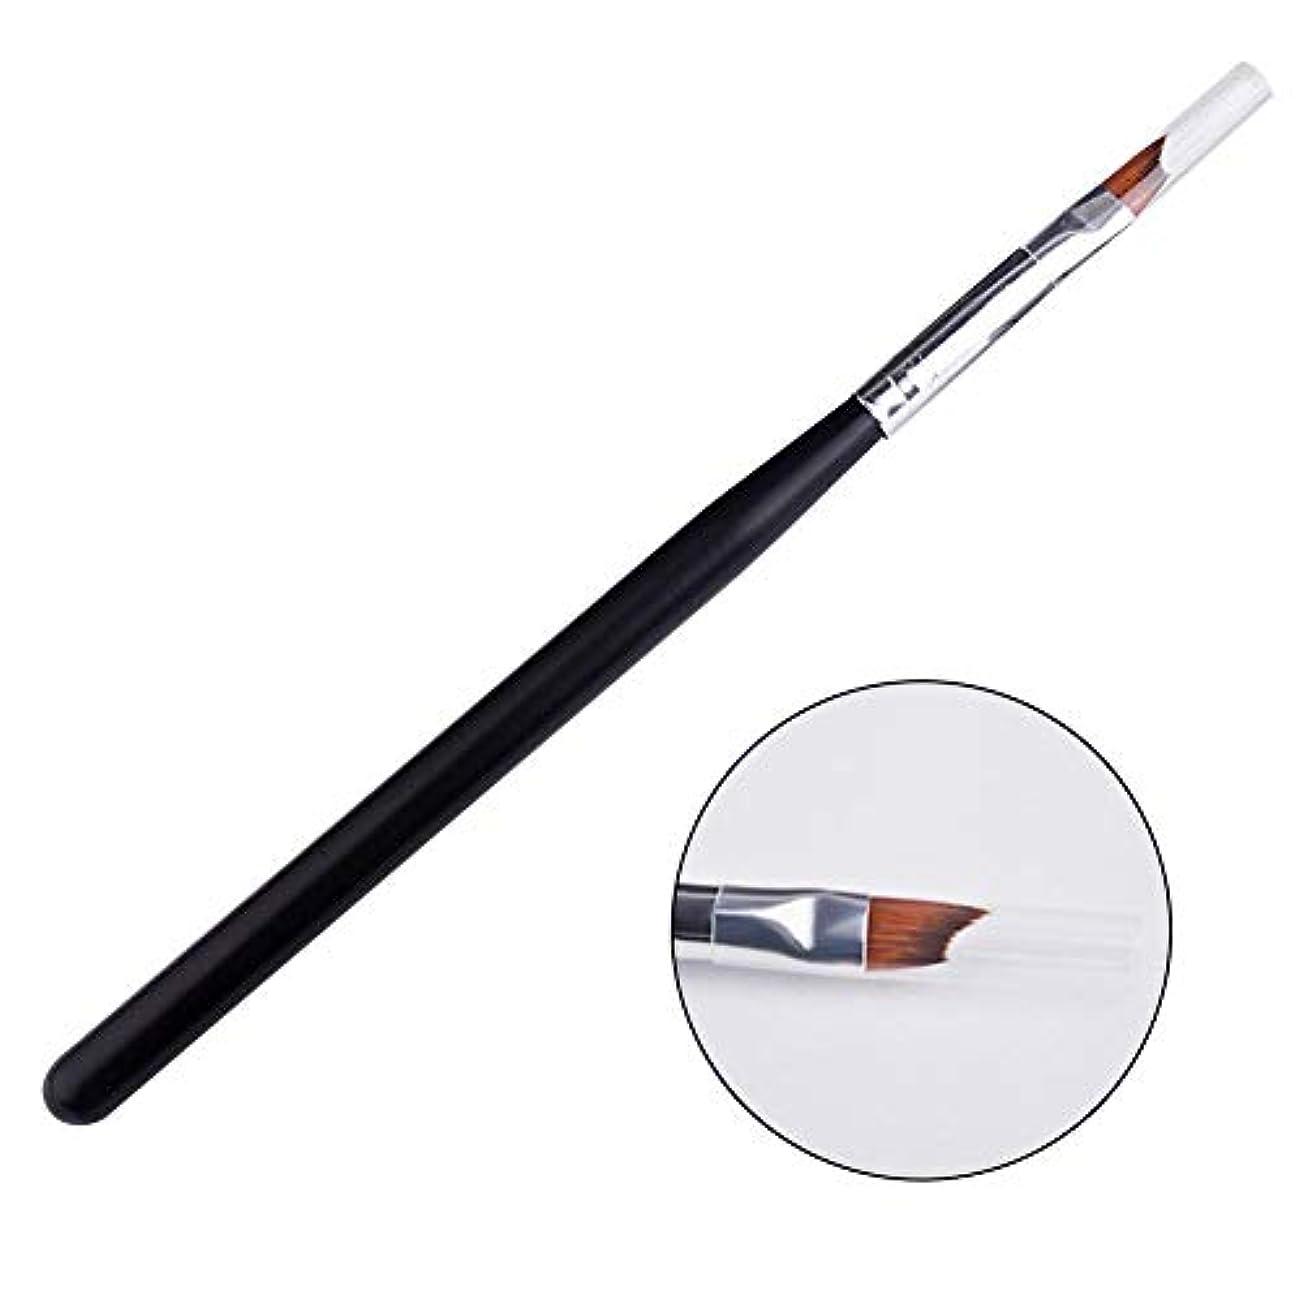 誰でも人事急降下SILUN ネイルアートブラシ ネイルマニキュア絵画ペン半月刀 - フレンチスタイルネイル用ブラシ ネイルアート ネイルアートネイル用品道具